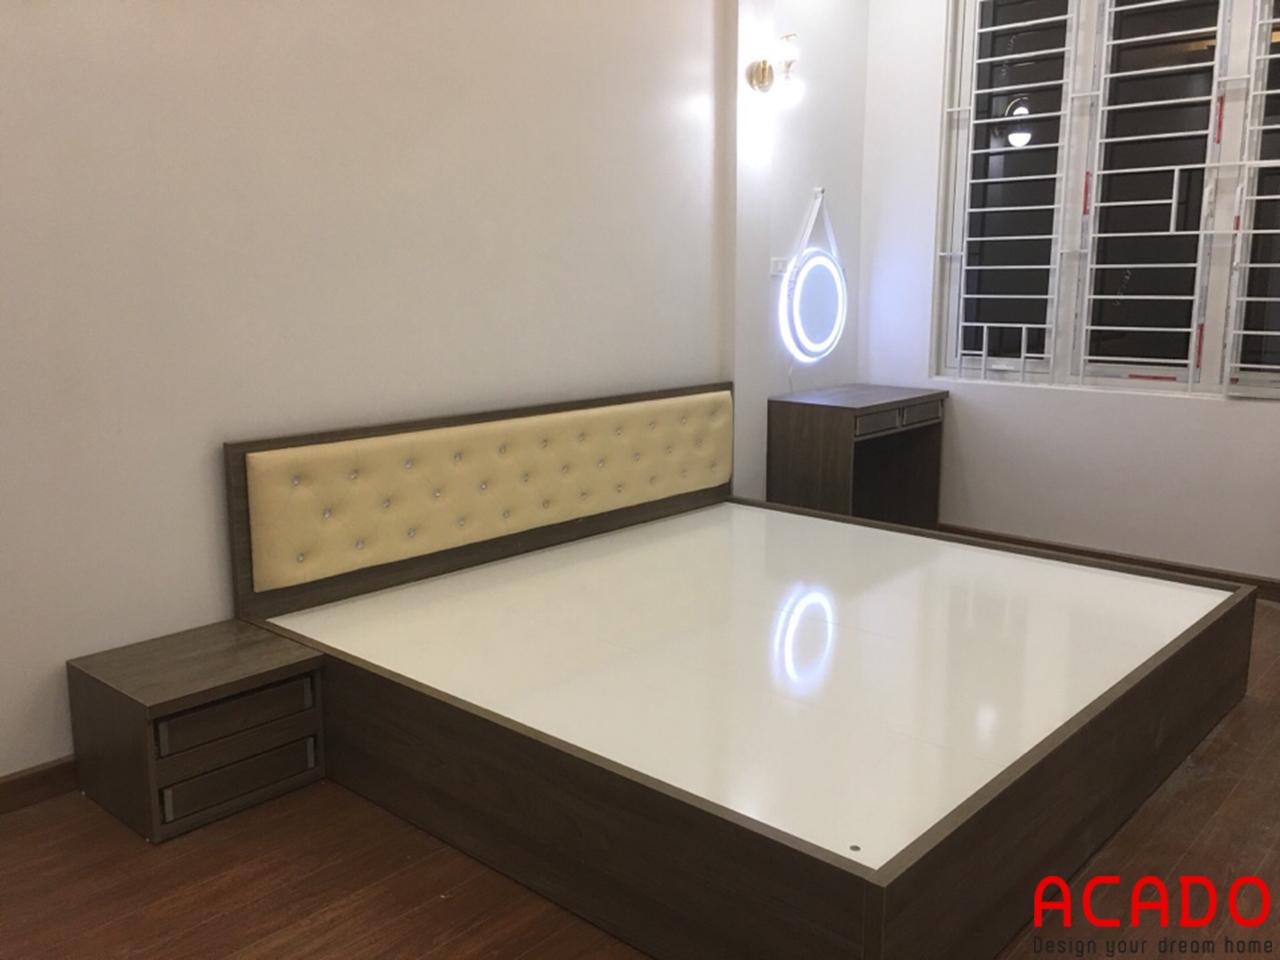 Mang đến cho bạn những giấc ngủ ngon và thoải mái - thi công nội thất tại Thanh Xuân